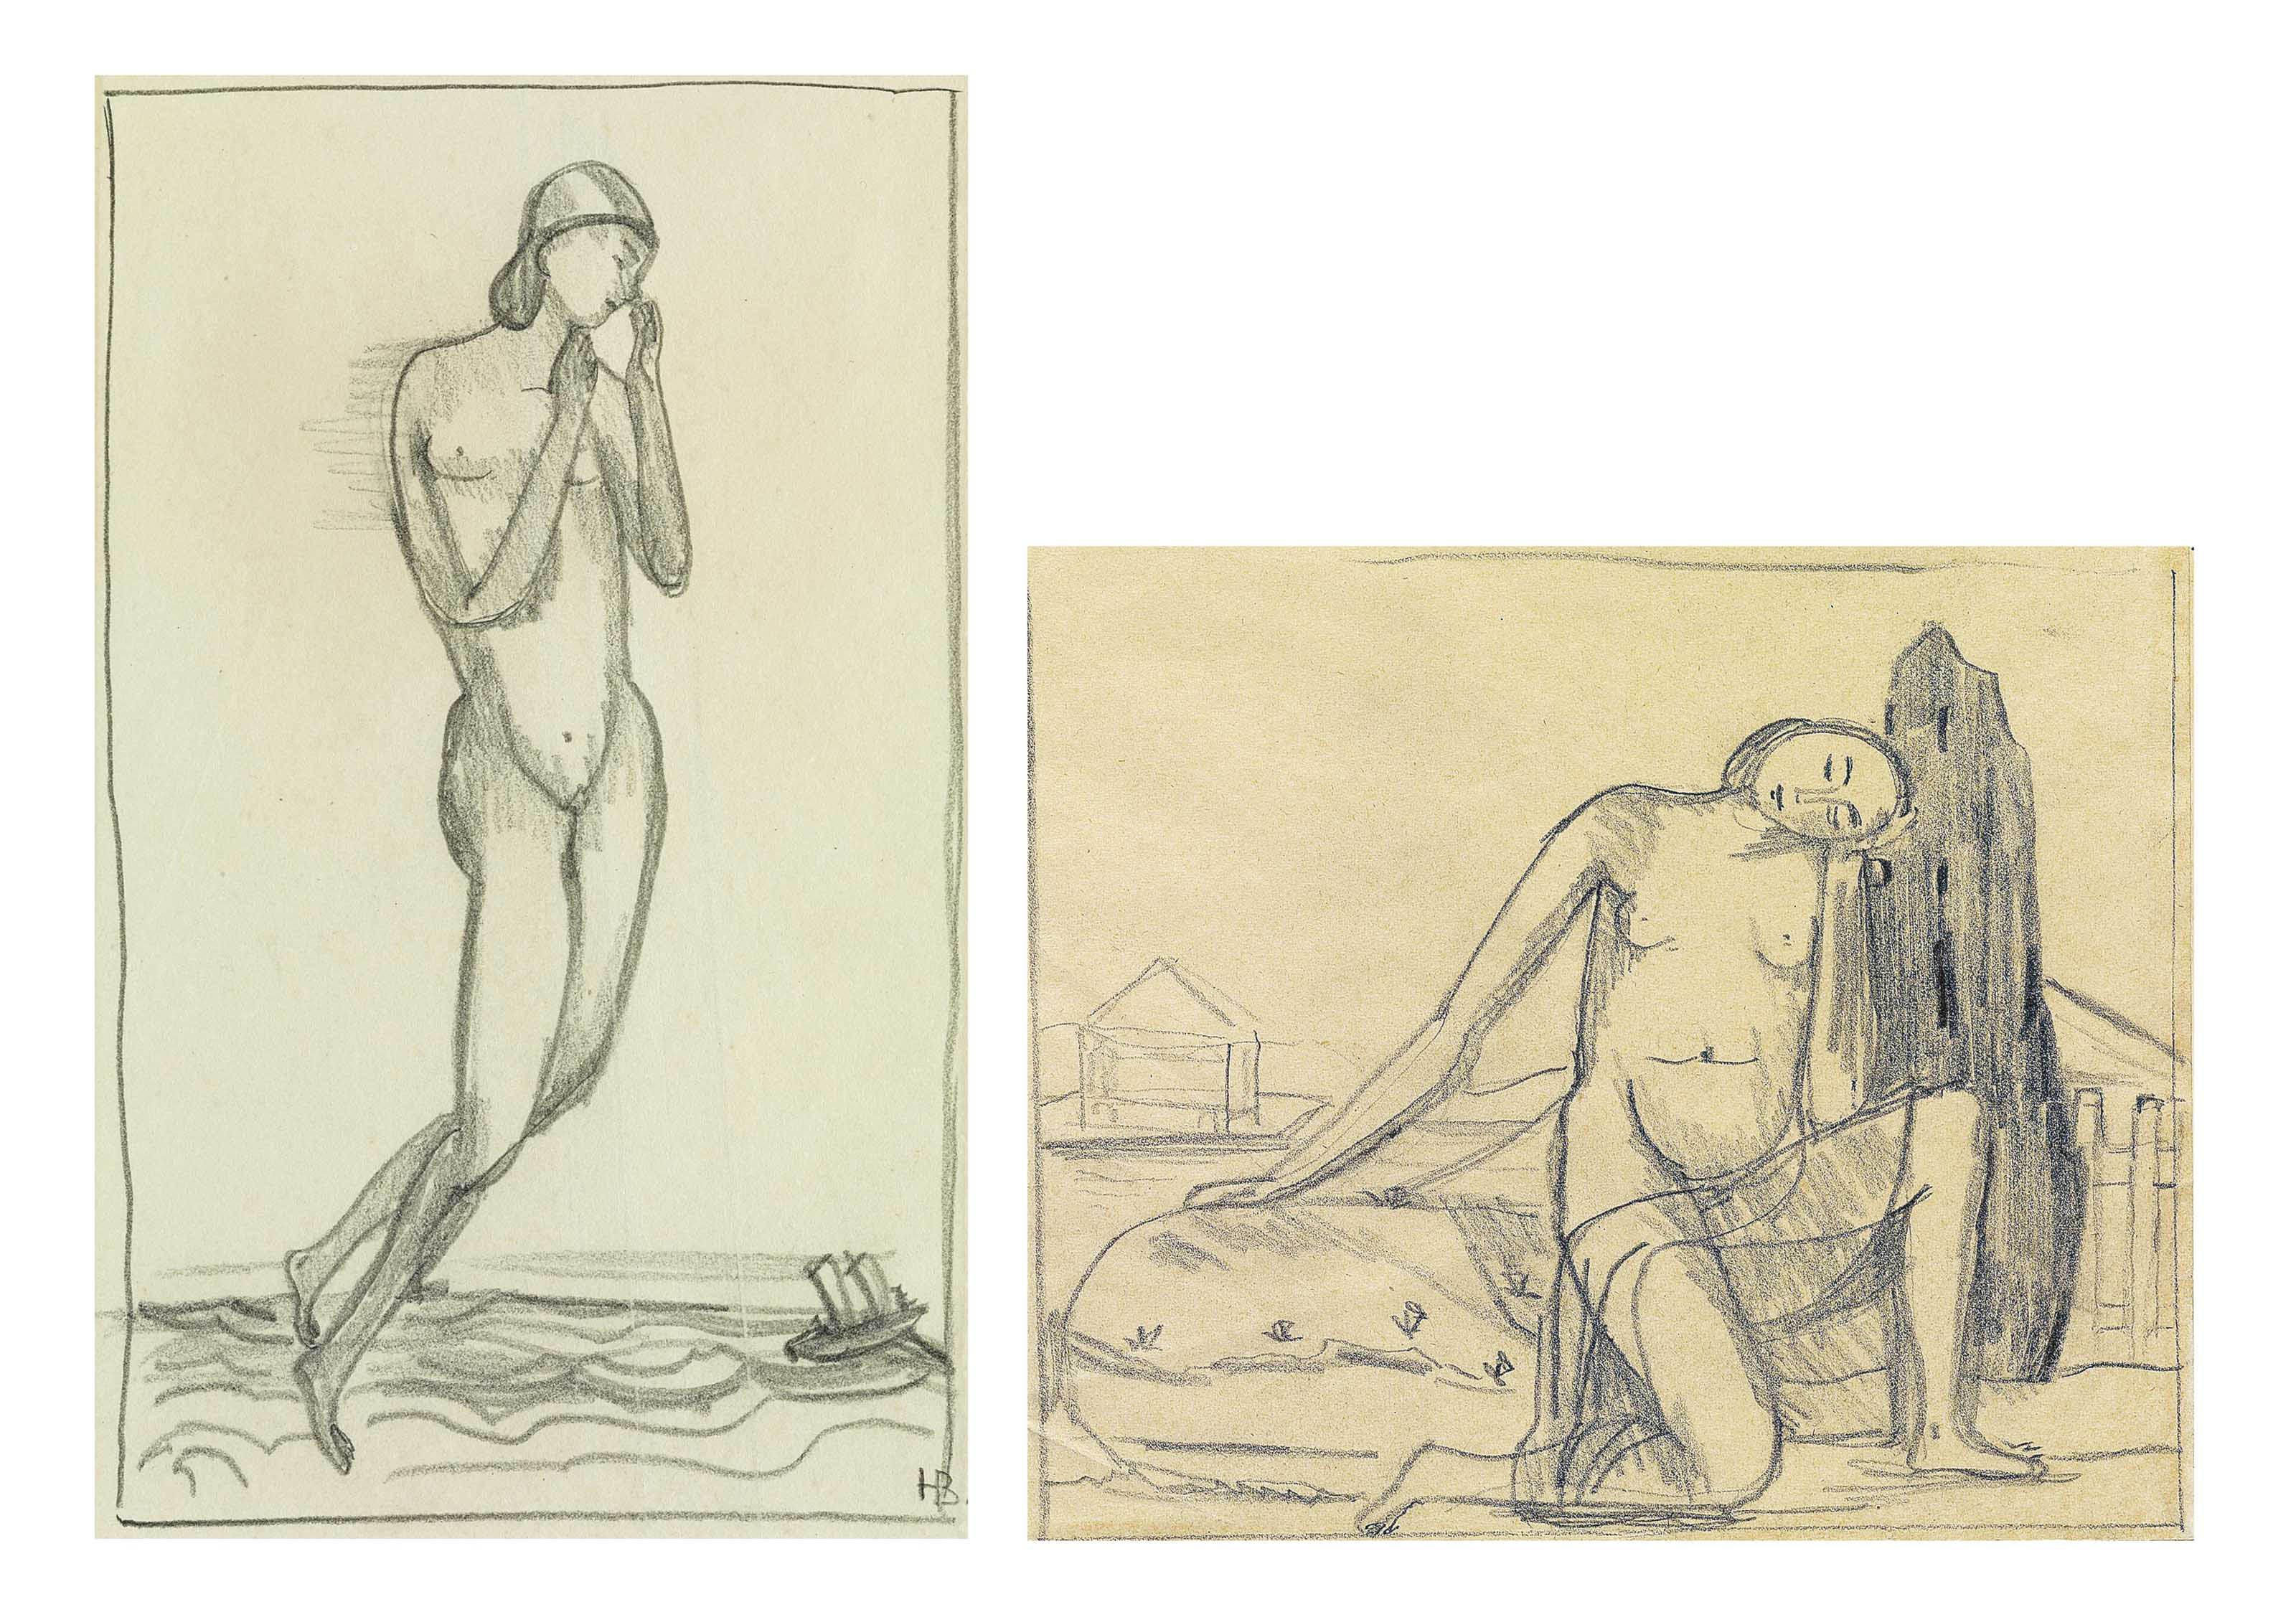 Sammelnummer von zwei Werken: Schwebende über Meer mit Schiff, 1910/11  Kniender Frauenakt mit aufgesetztem Kopf vor Garten, 1910/11